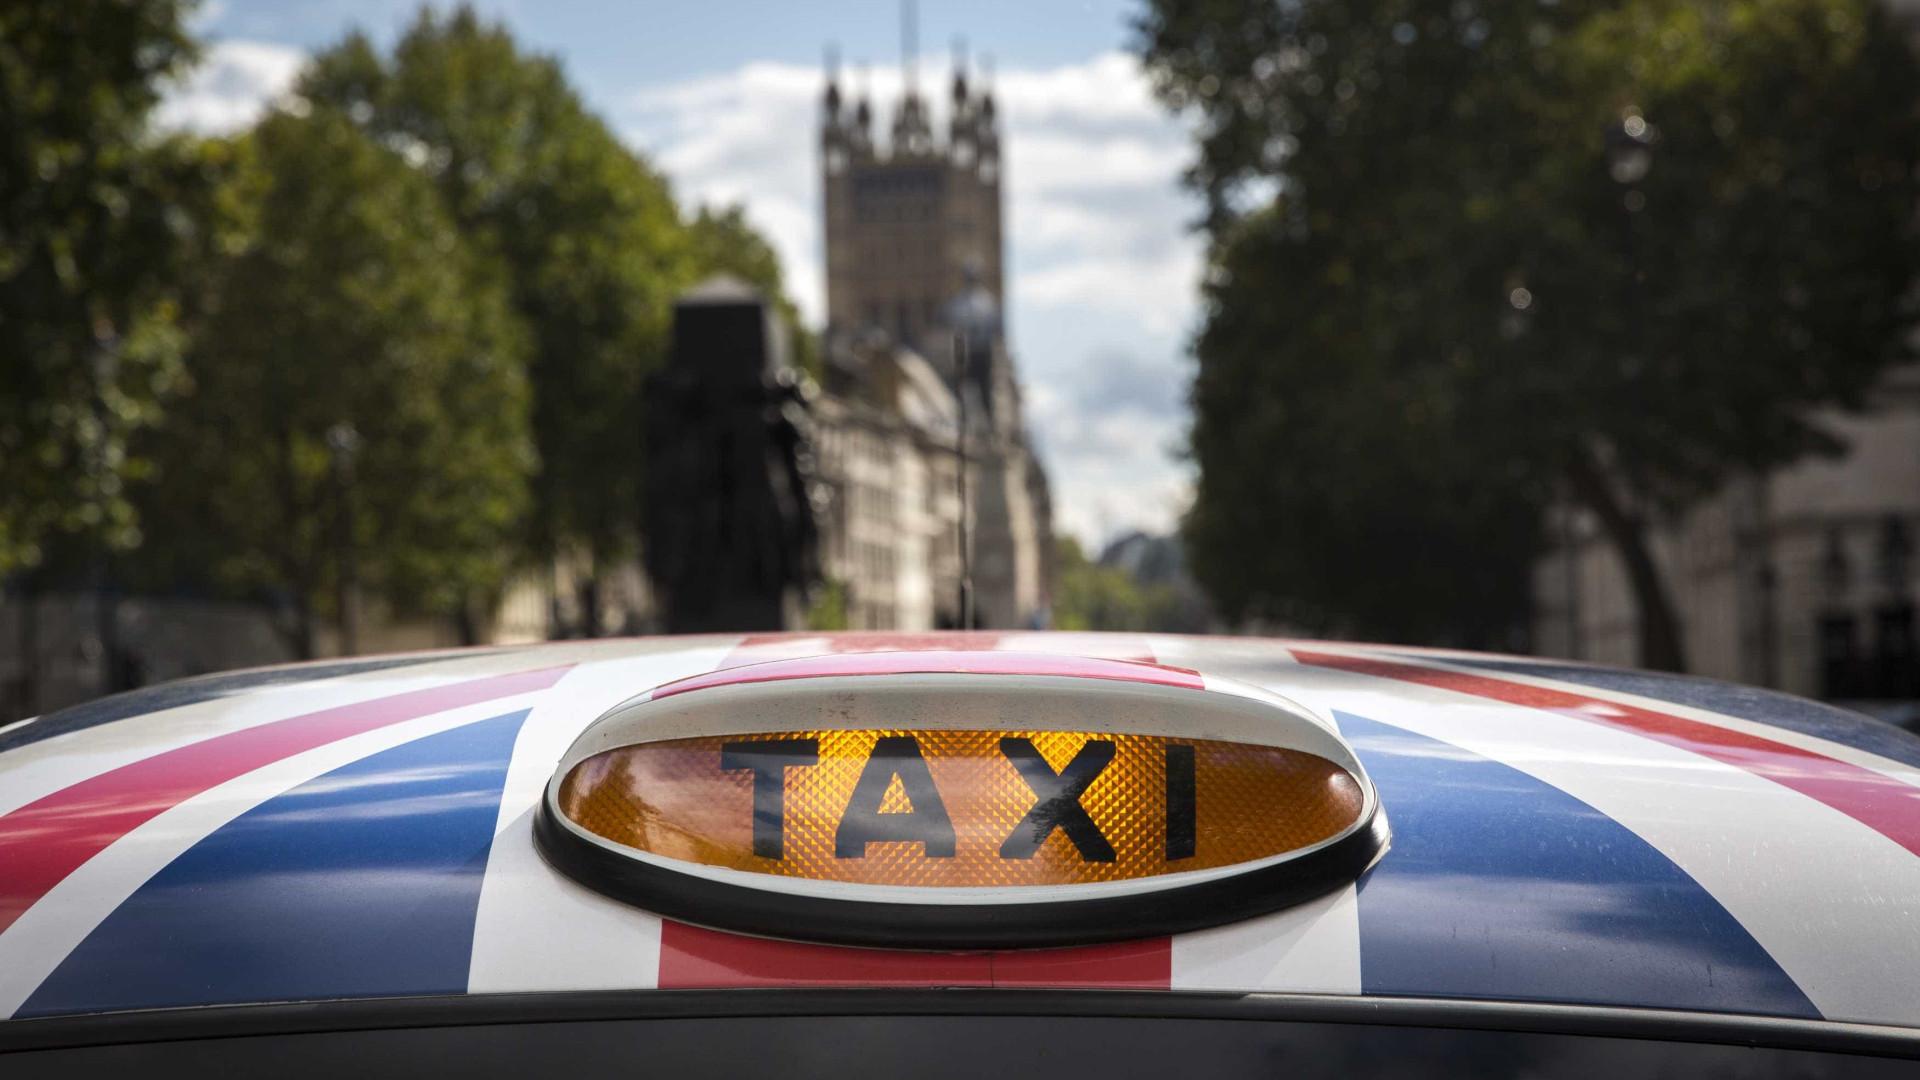 Se for a estas cidades, evite os táxis: São os mais caros do mundo